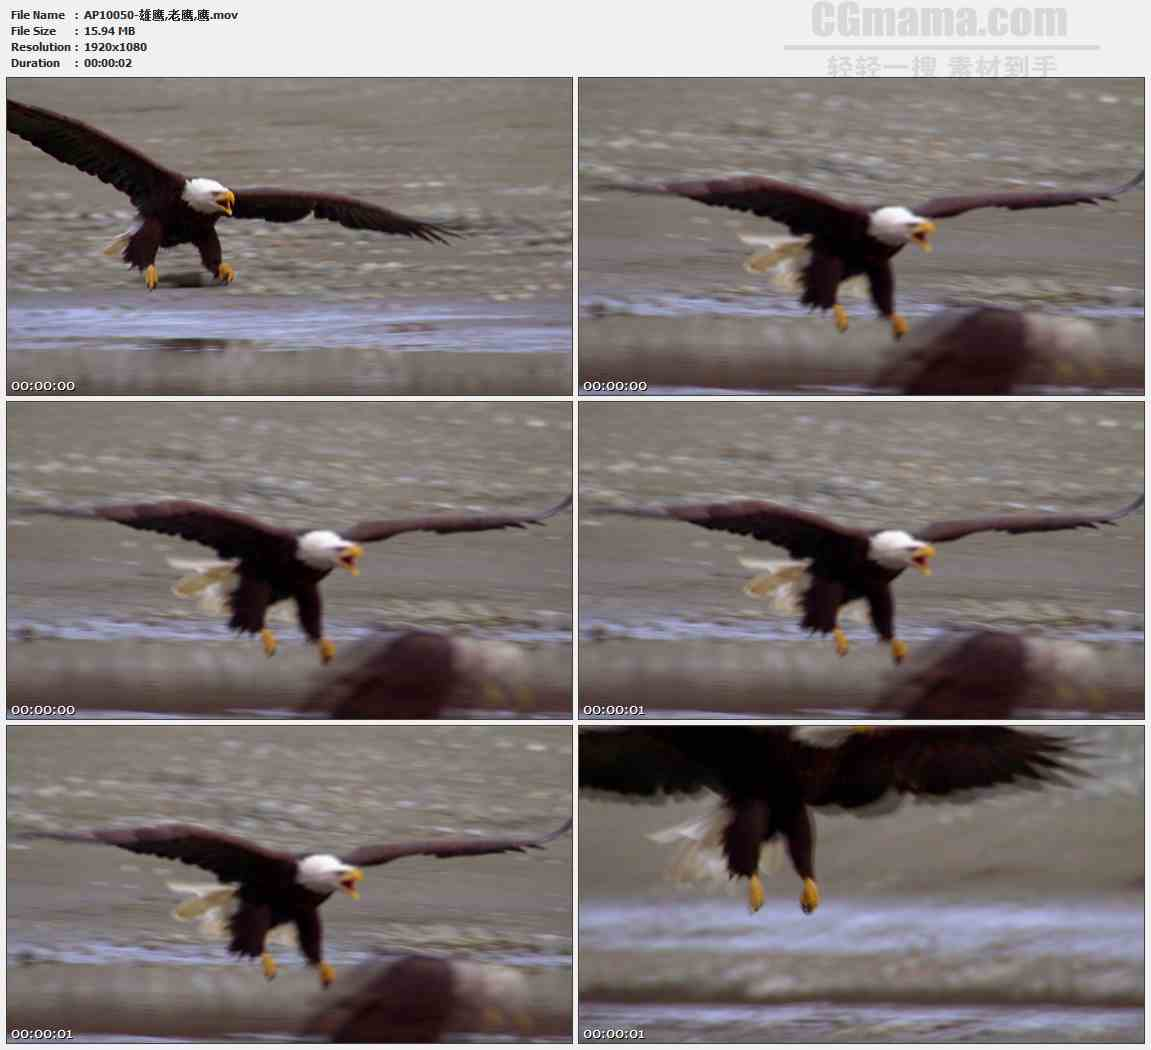 AP10050-雄鹰老鹰飞翔降落高清实拍视频素材